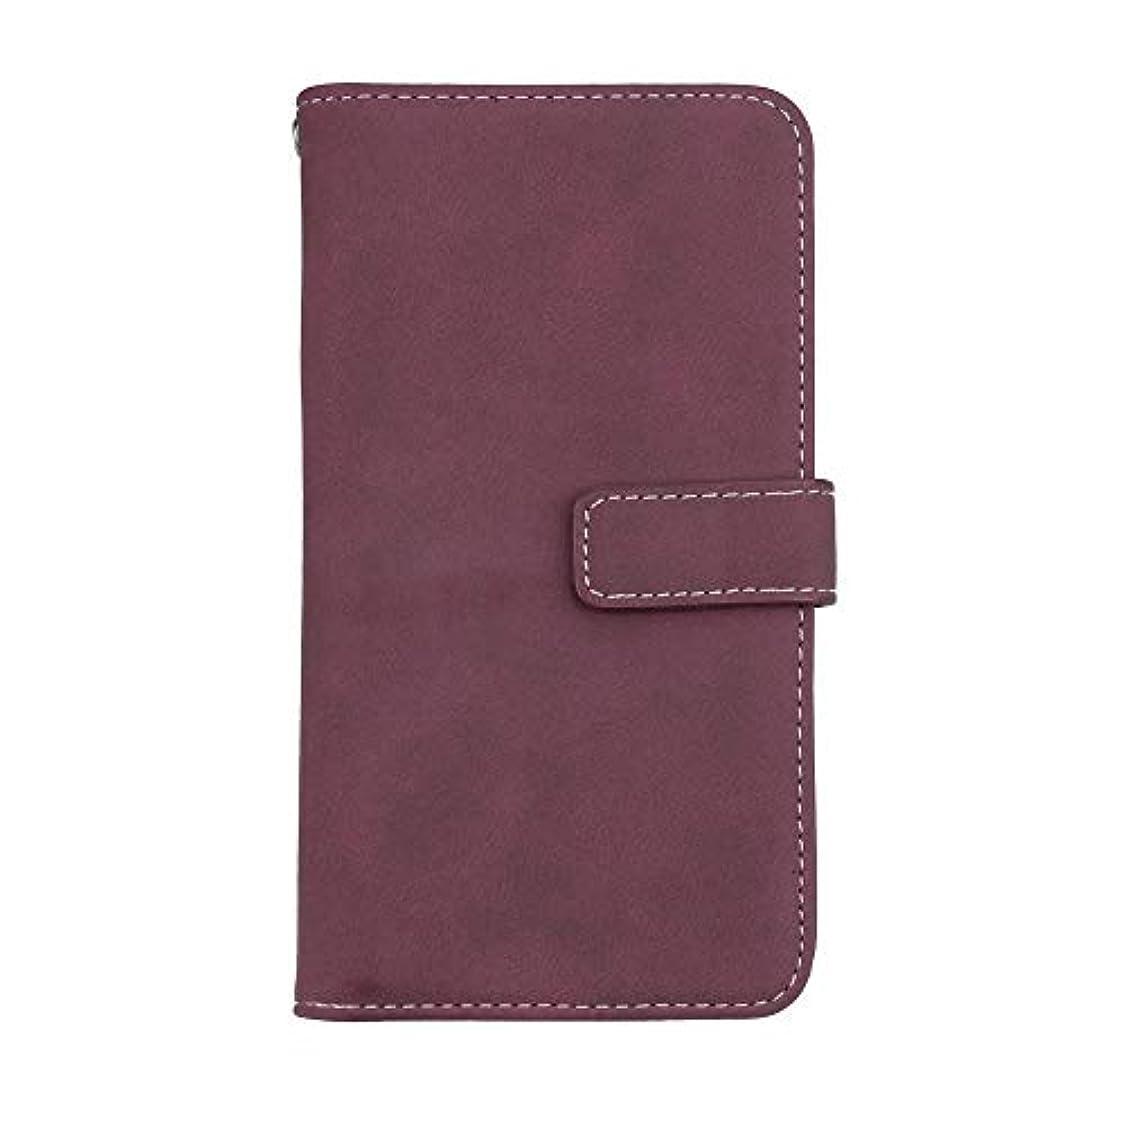 モンキーパスポートチューリップXiaomi Redmi 6 Pro 高品質 マグネット ケース, CUNUS 携帯電話 ケース 軽量 柔軟 高品質 耐摩擦 カード収納 カバー Xiaomi Redmi 6 Pro 用, ローズレッド